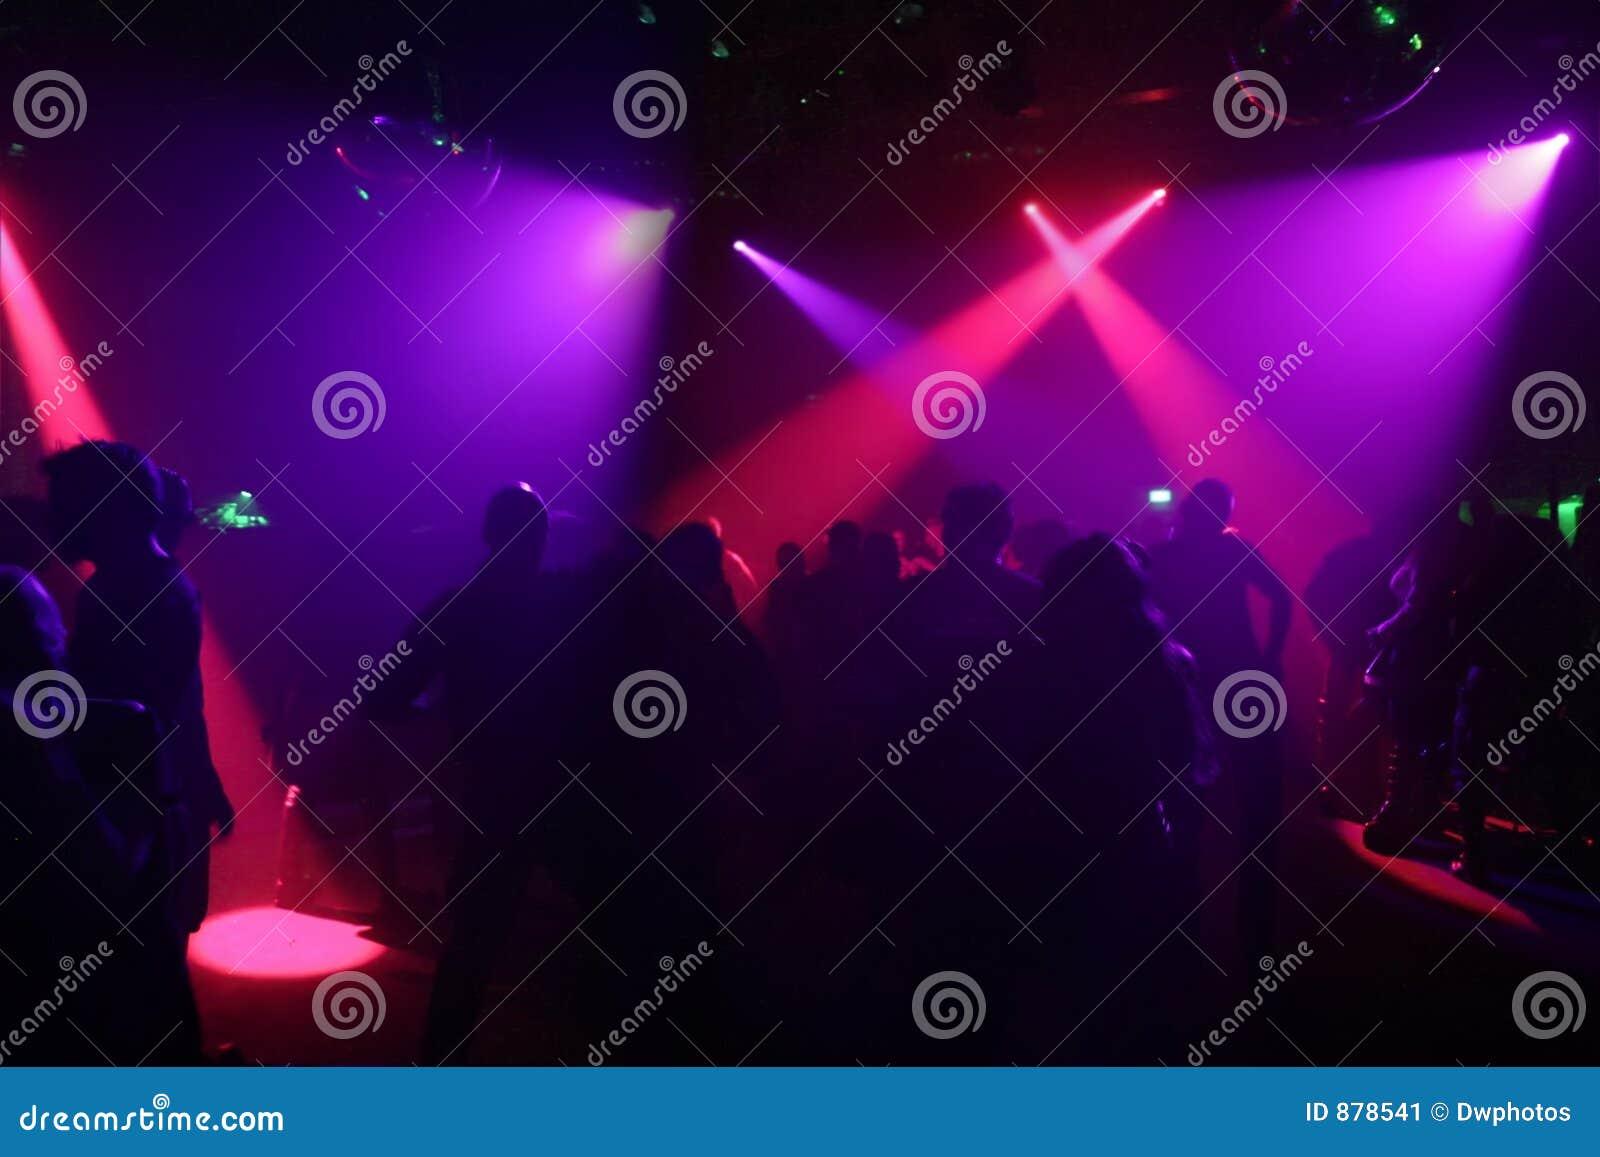 Ludzie sylwetek tańczące